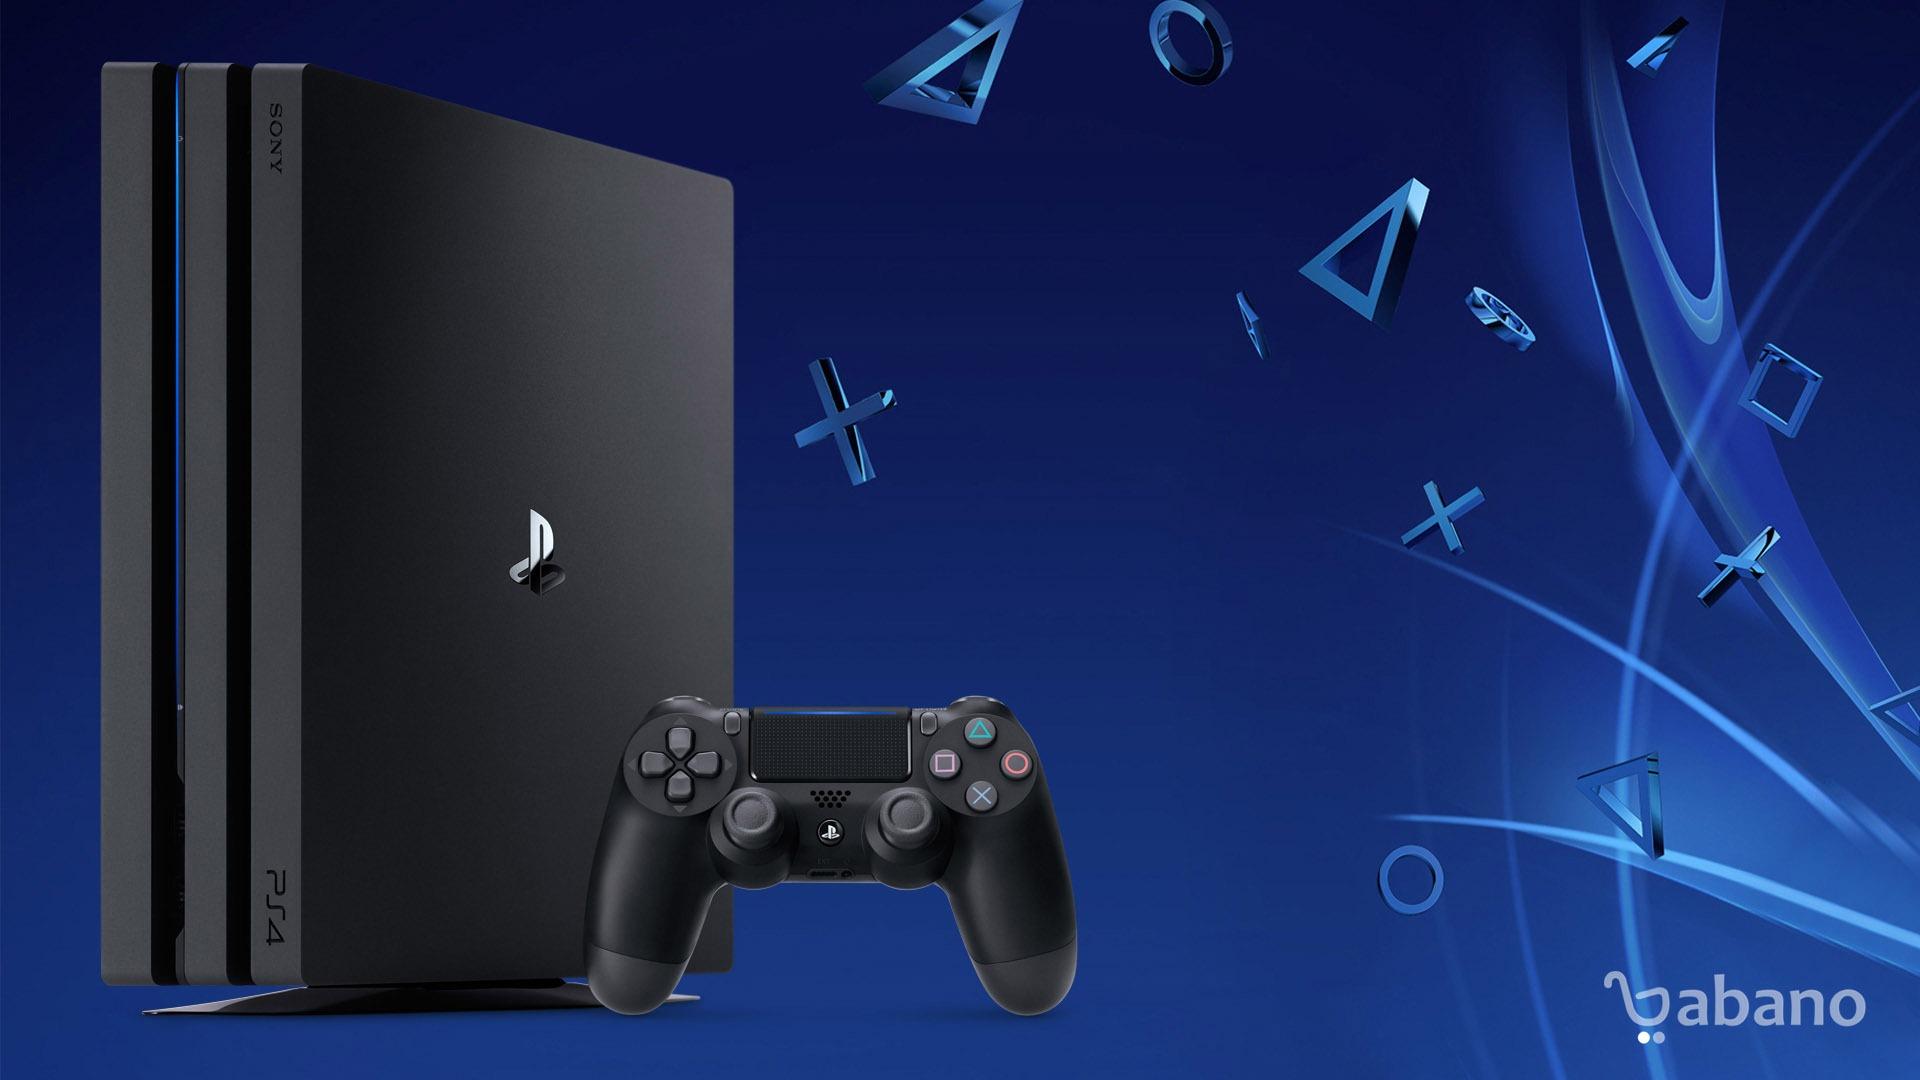 کنسول بازی سونی مدل SONY Playstation 4 Pro